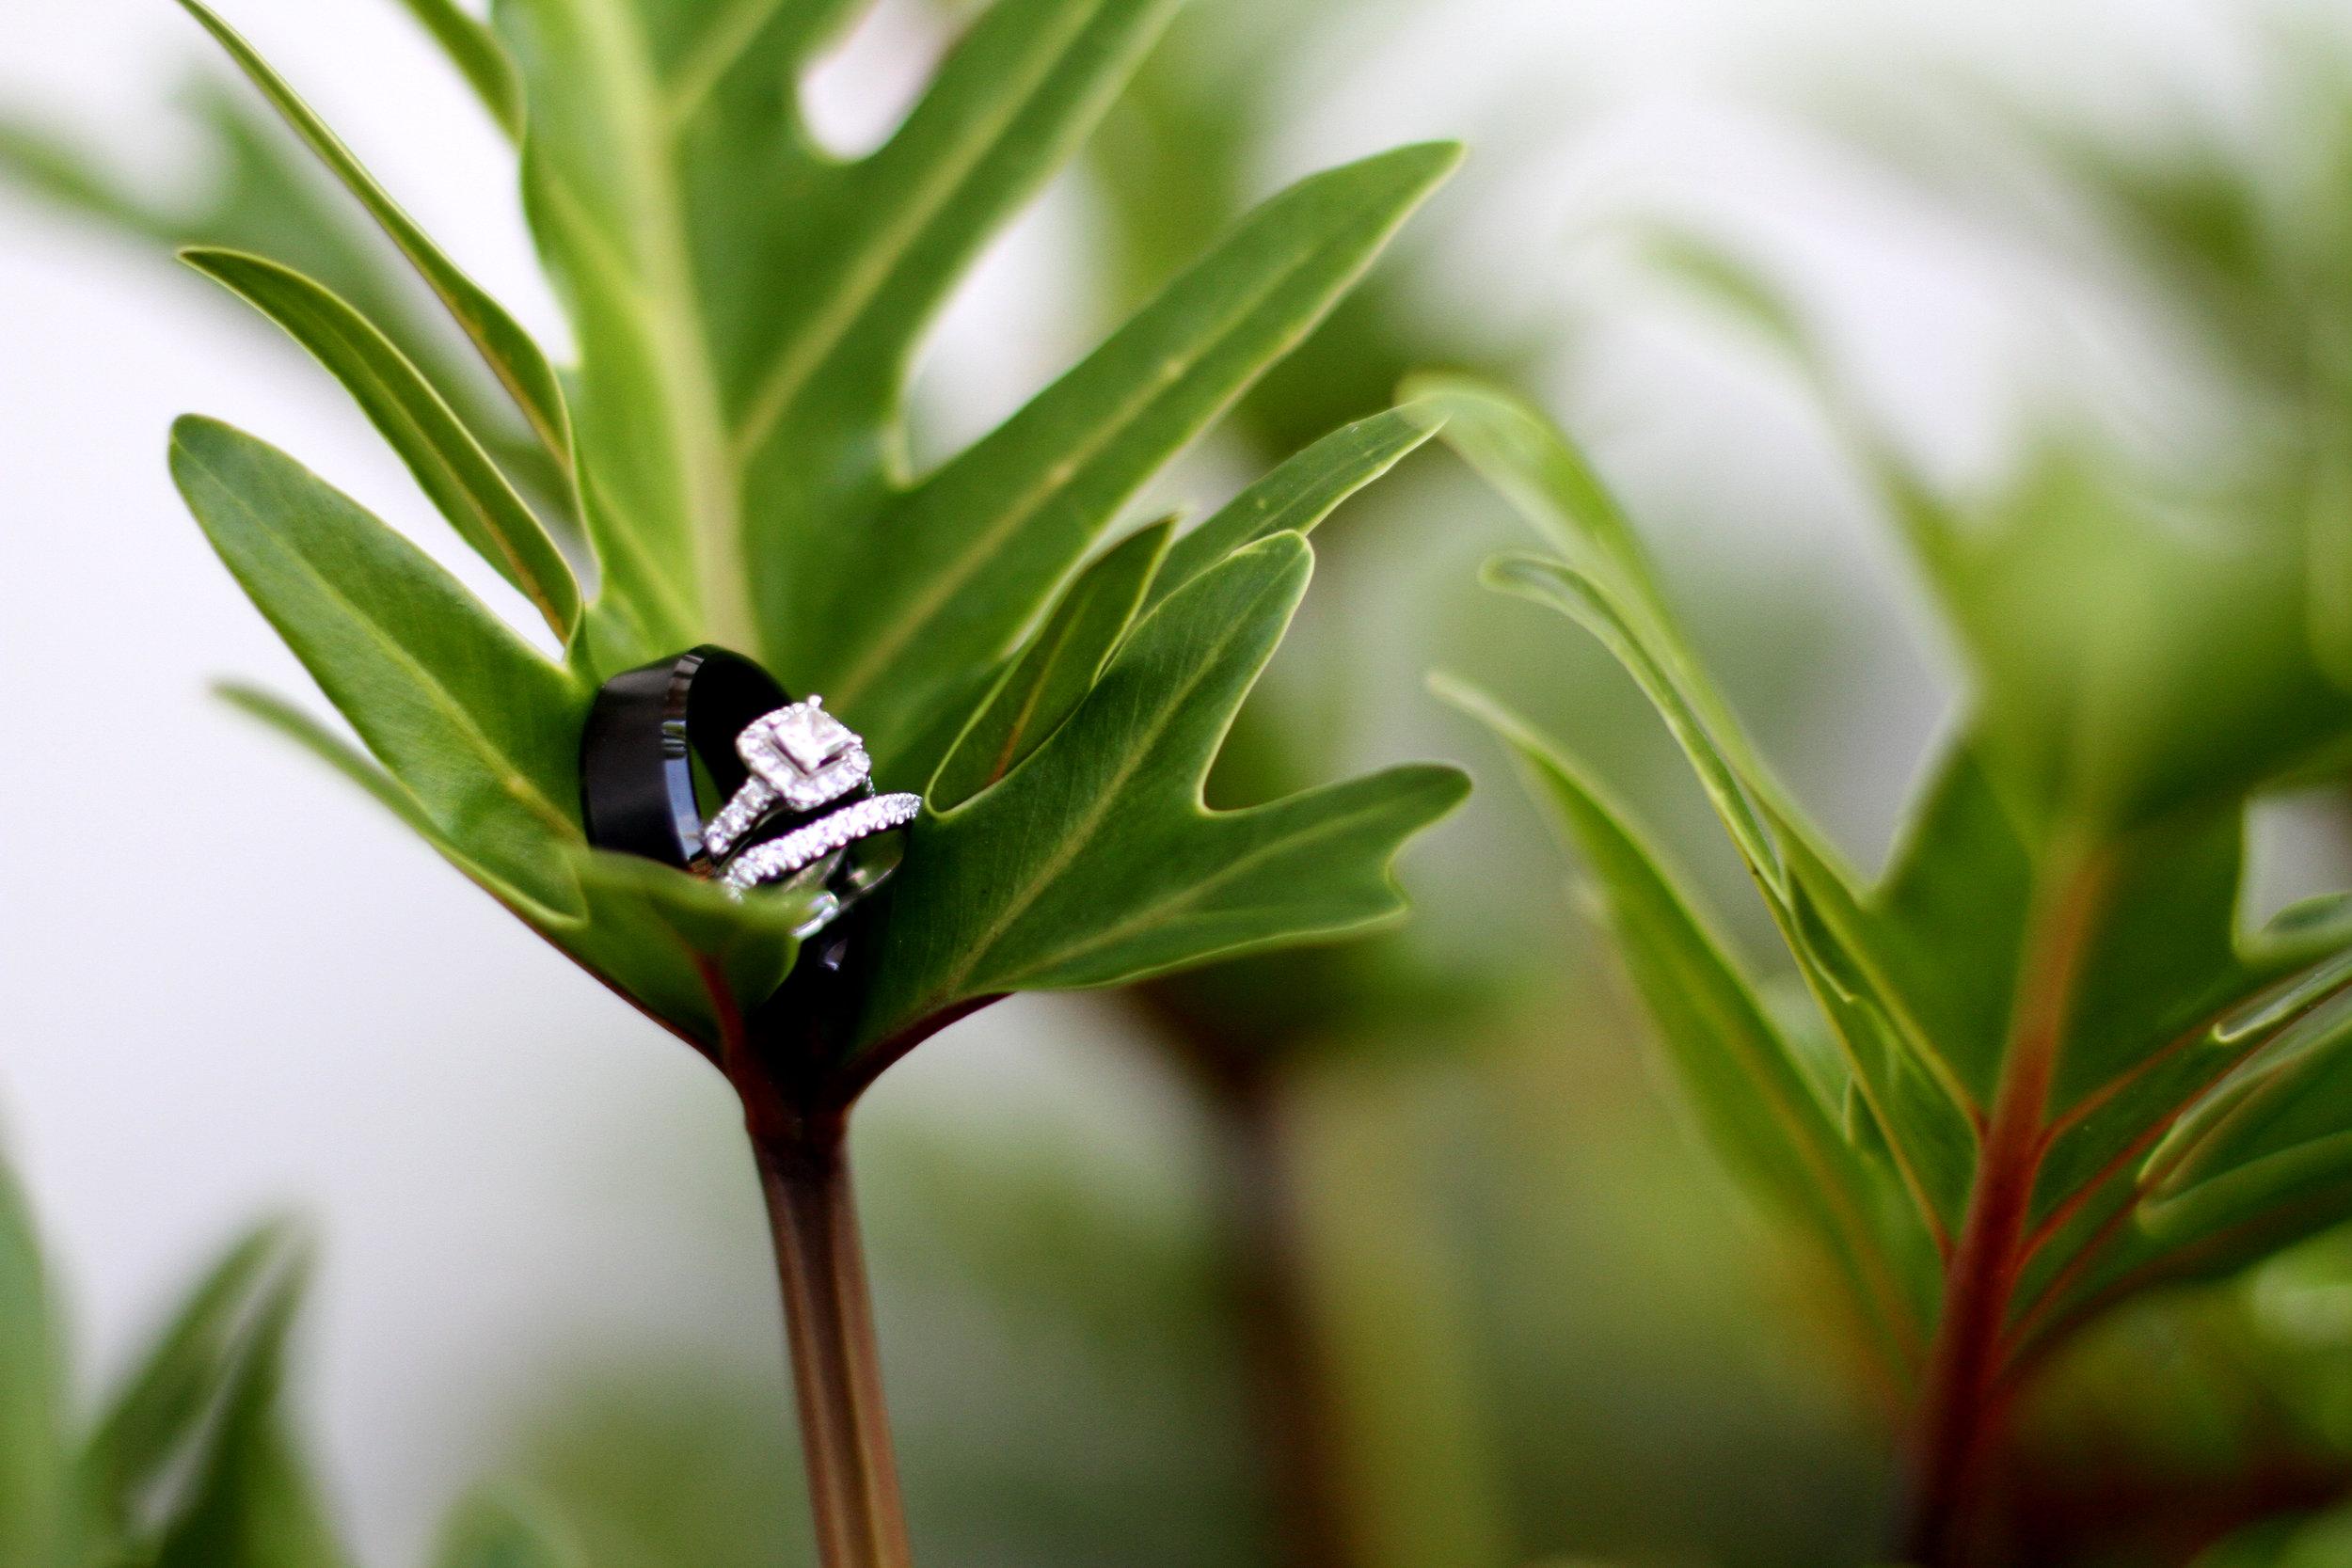 Rings in plants